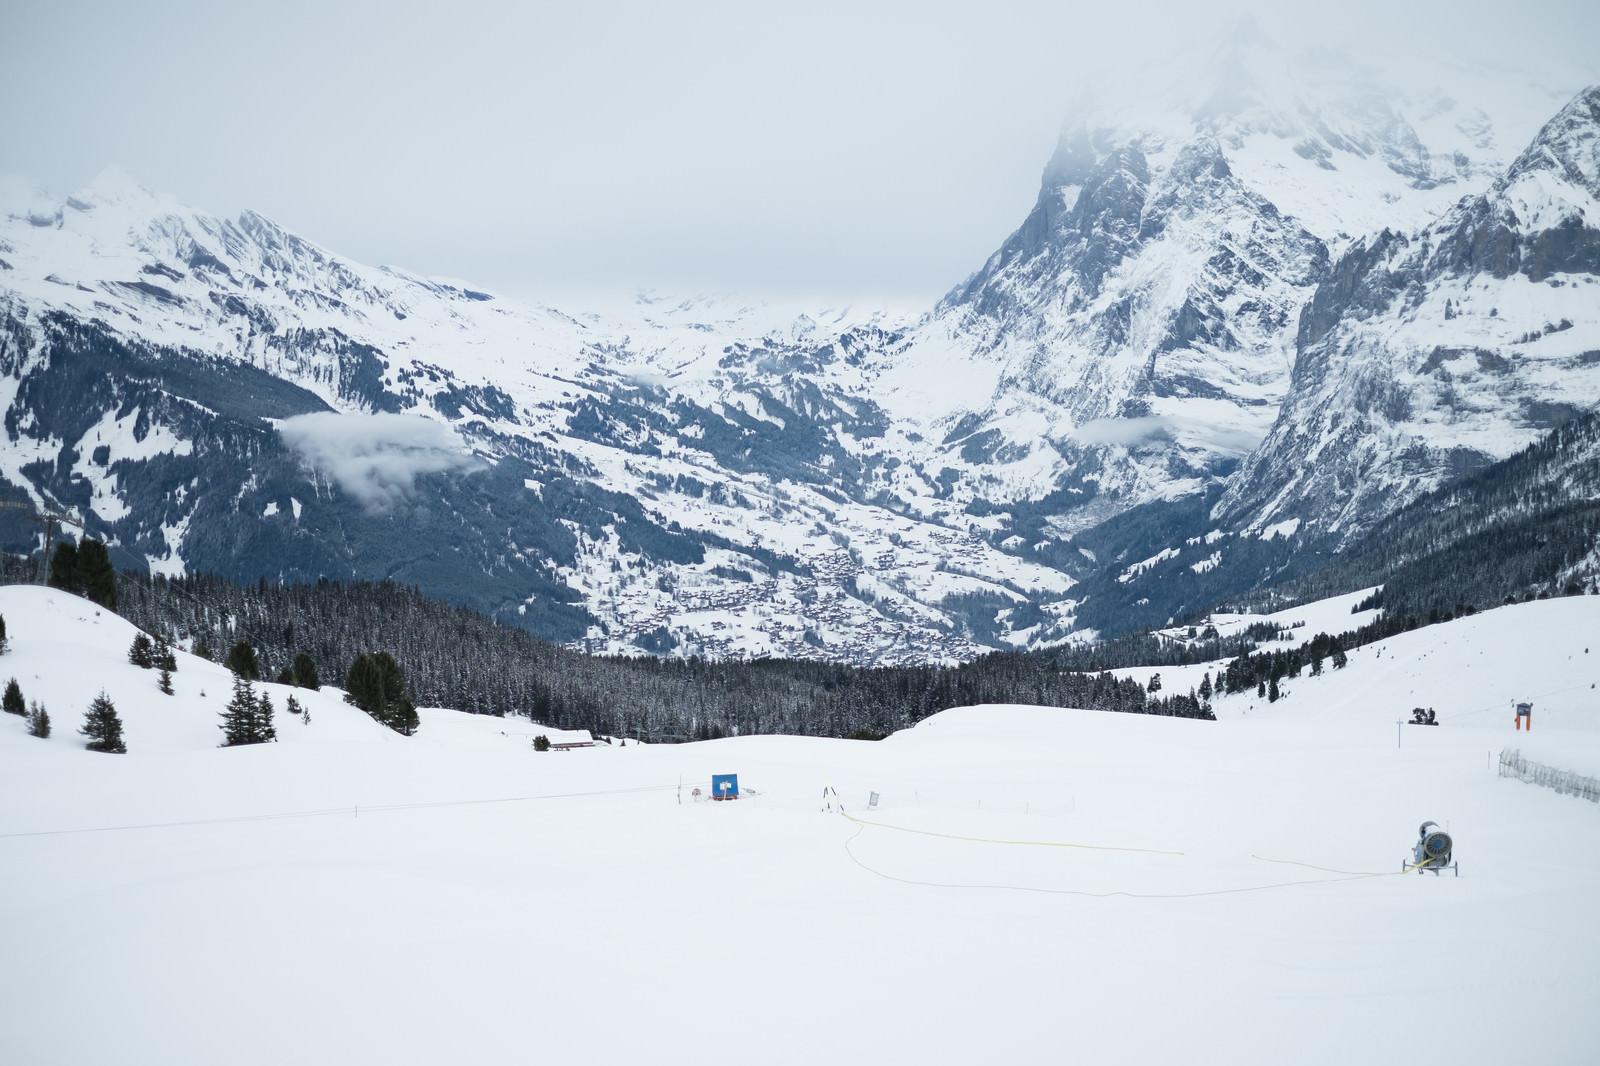 「雪山の景観(フィルスト)」の写真